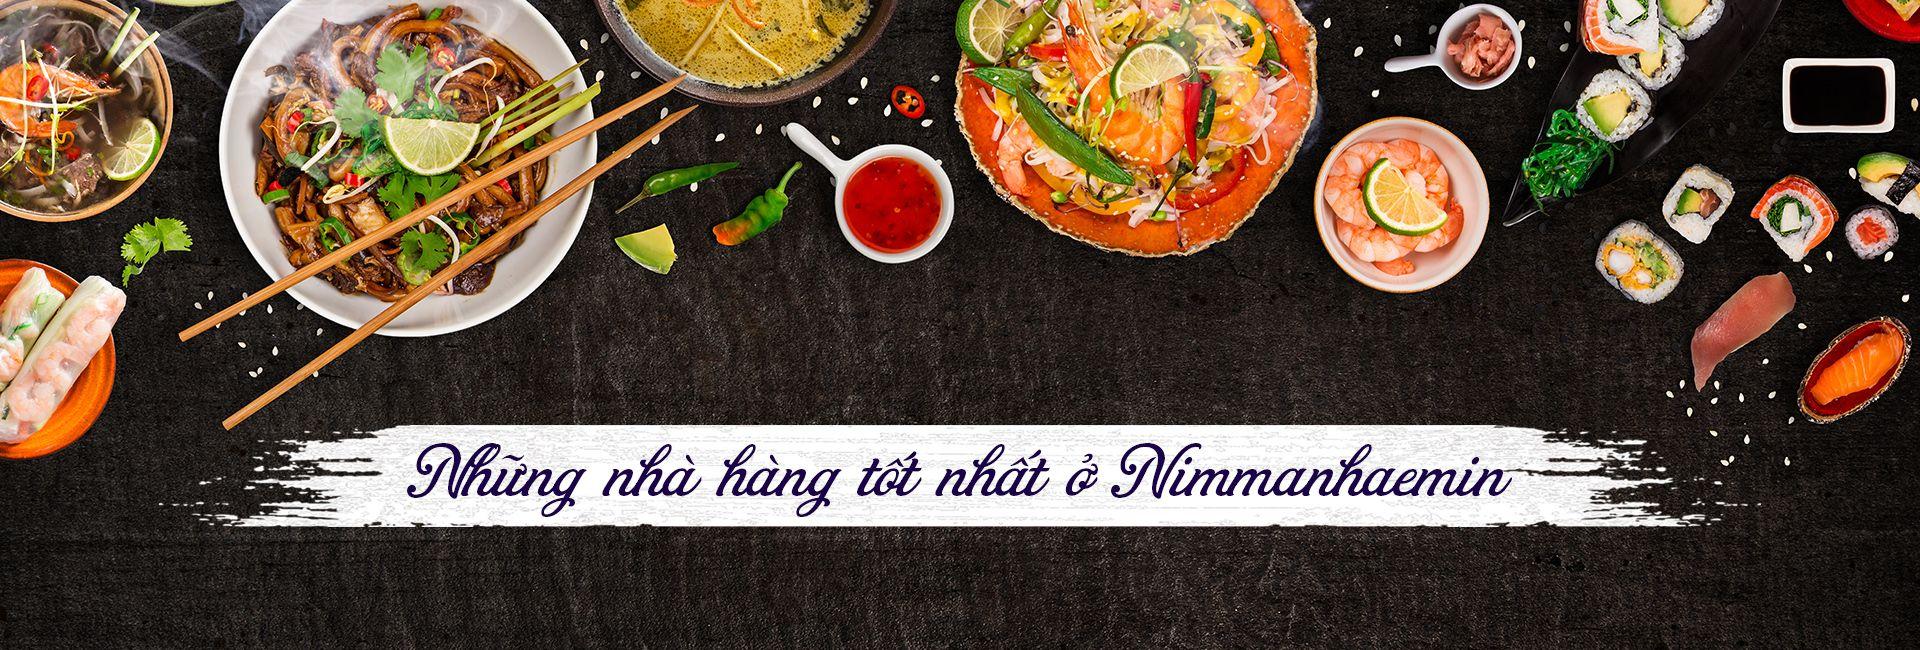 Top 9 nhà hàng tốt nhất Nimmanhaemin, Chiang Mai